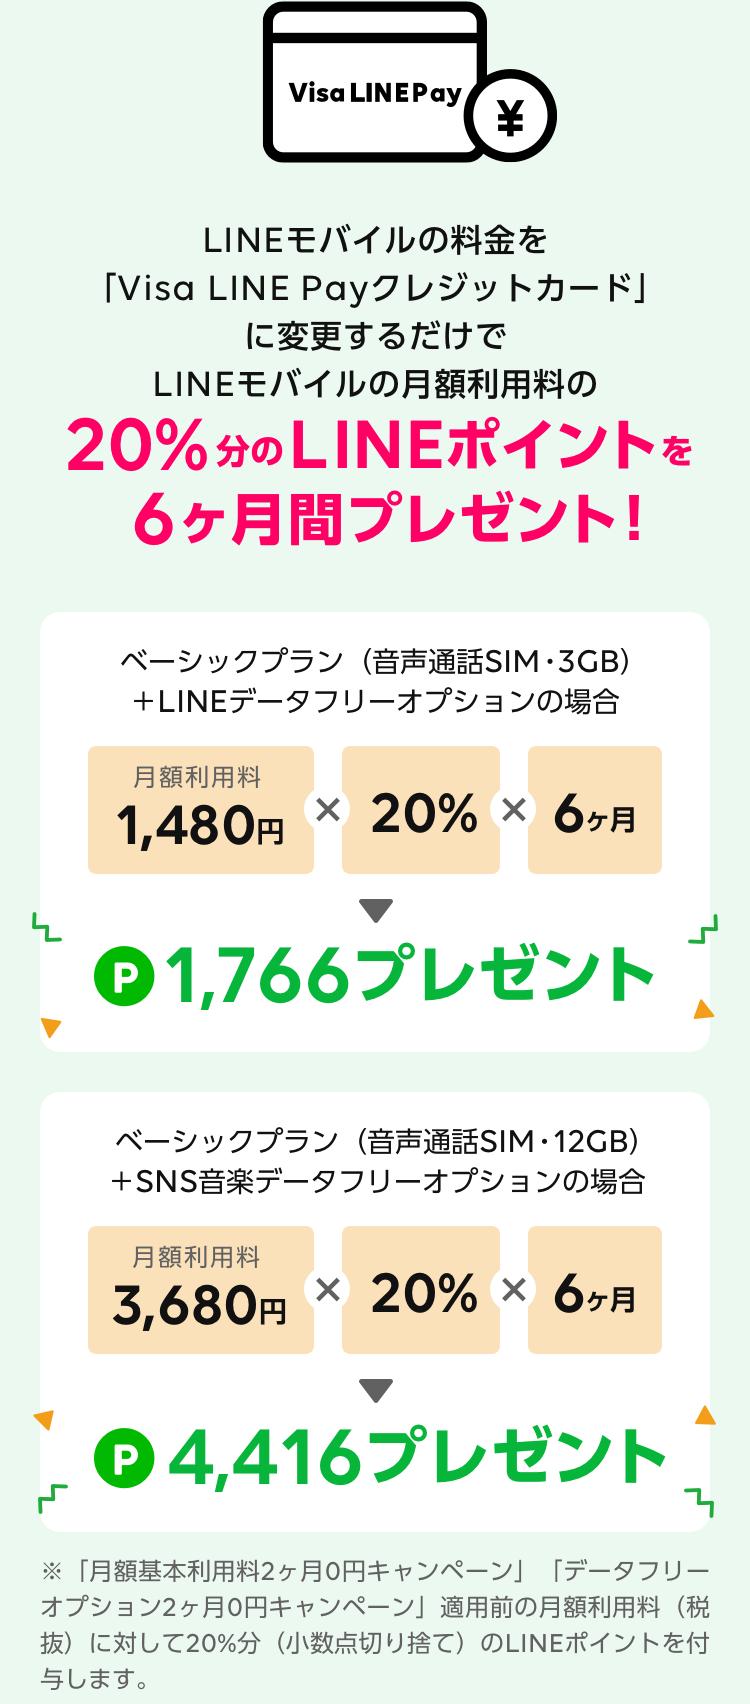 LINEモバイルの料金を 「Visa LINE Payクレジットカード」 でお支払いするだけで LINEモバイルの月額利用料の 20%分のLINEポイントを 6ヶ月間プレゼント!